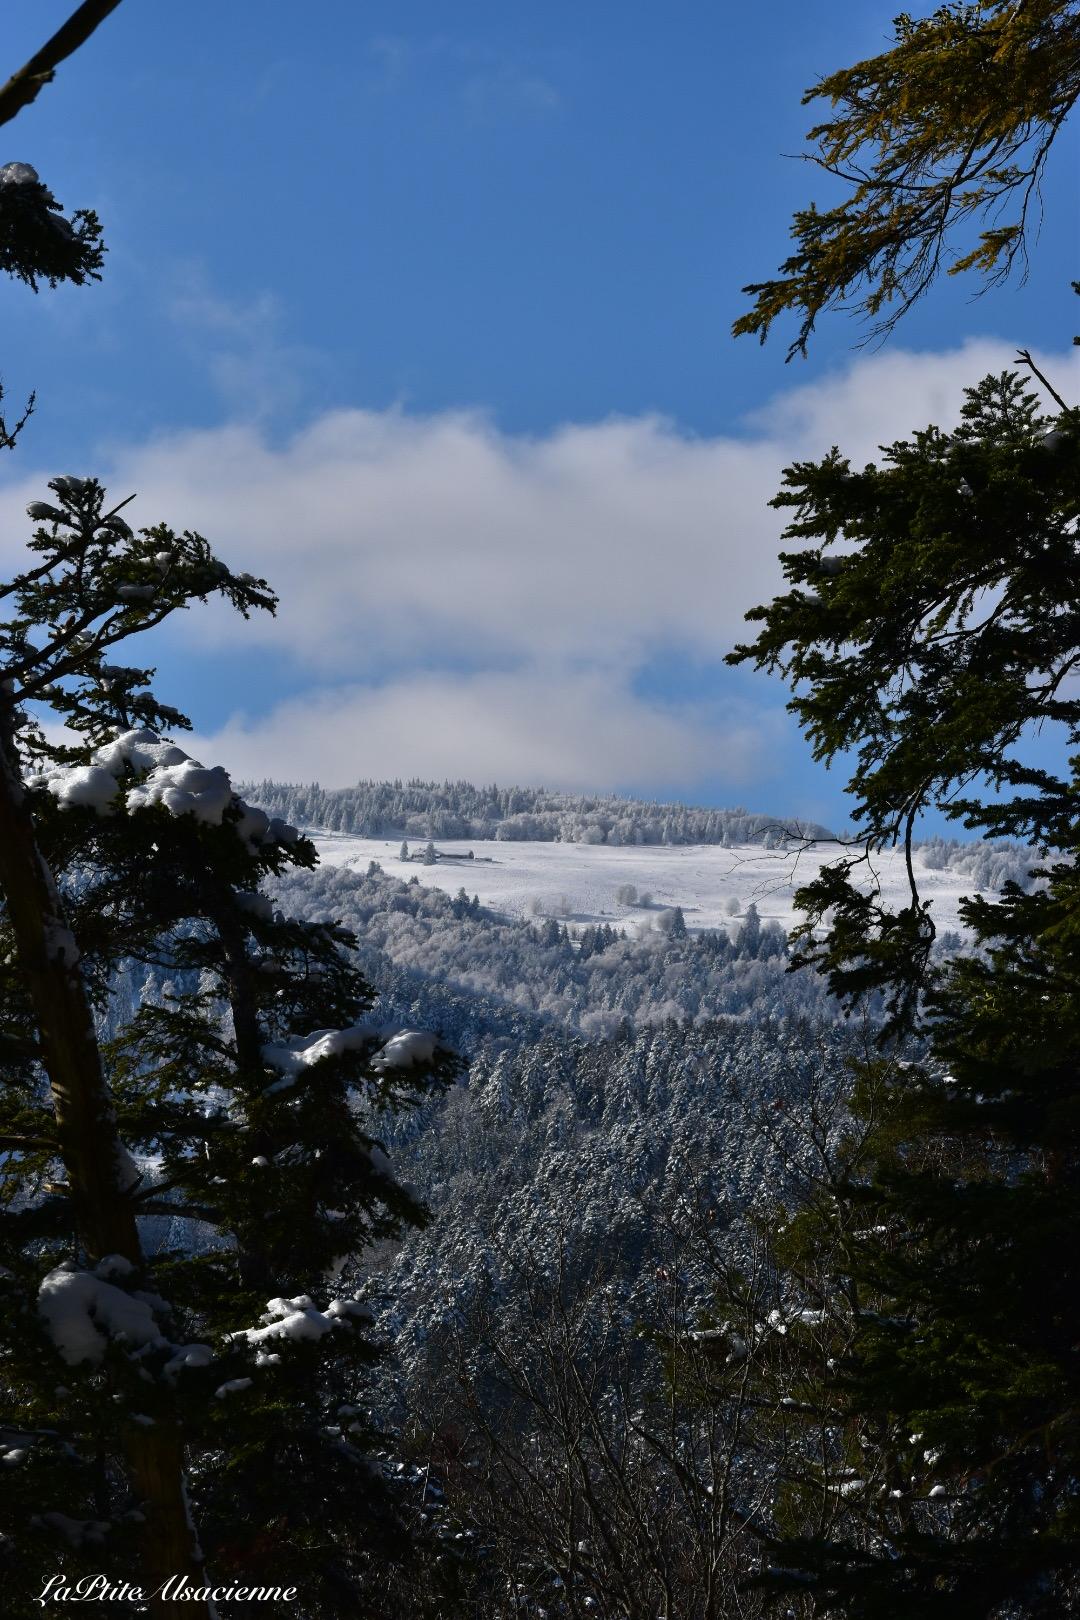 ciel bleu montagne neige murbach janvier 2021